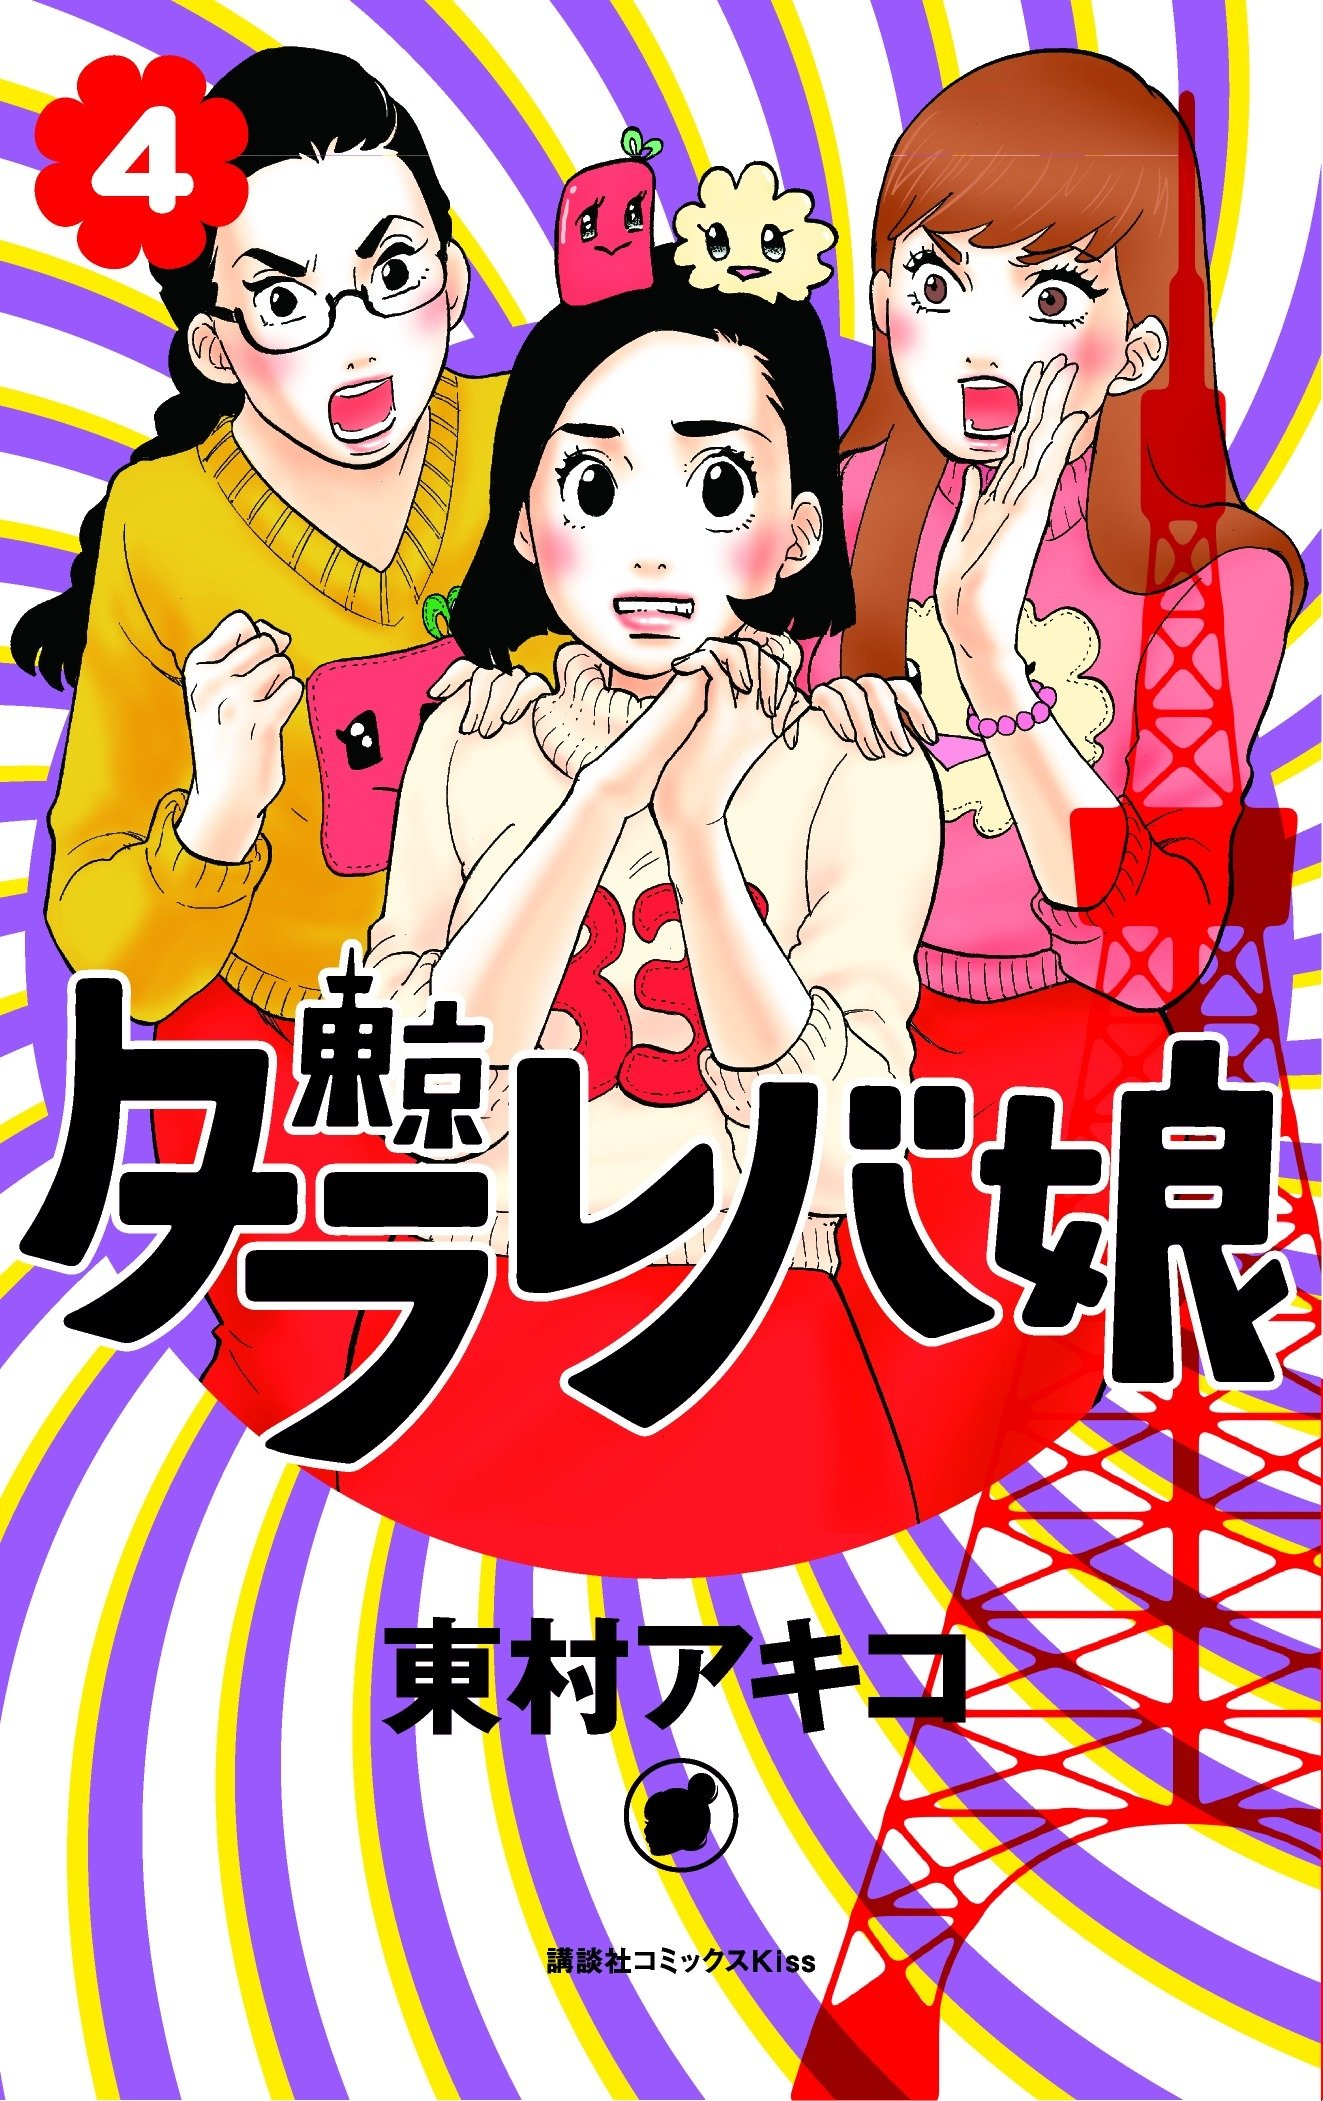 Tokyo Tarareba Girls 4: Akiko Higashimura: 9781632366887: Amazon.com: Books